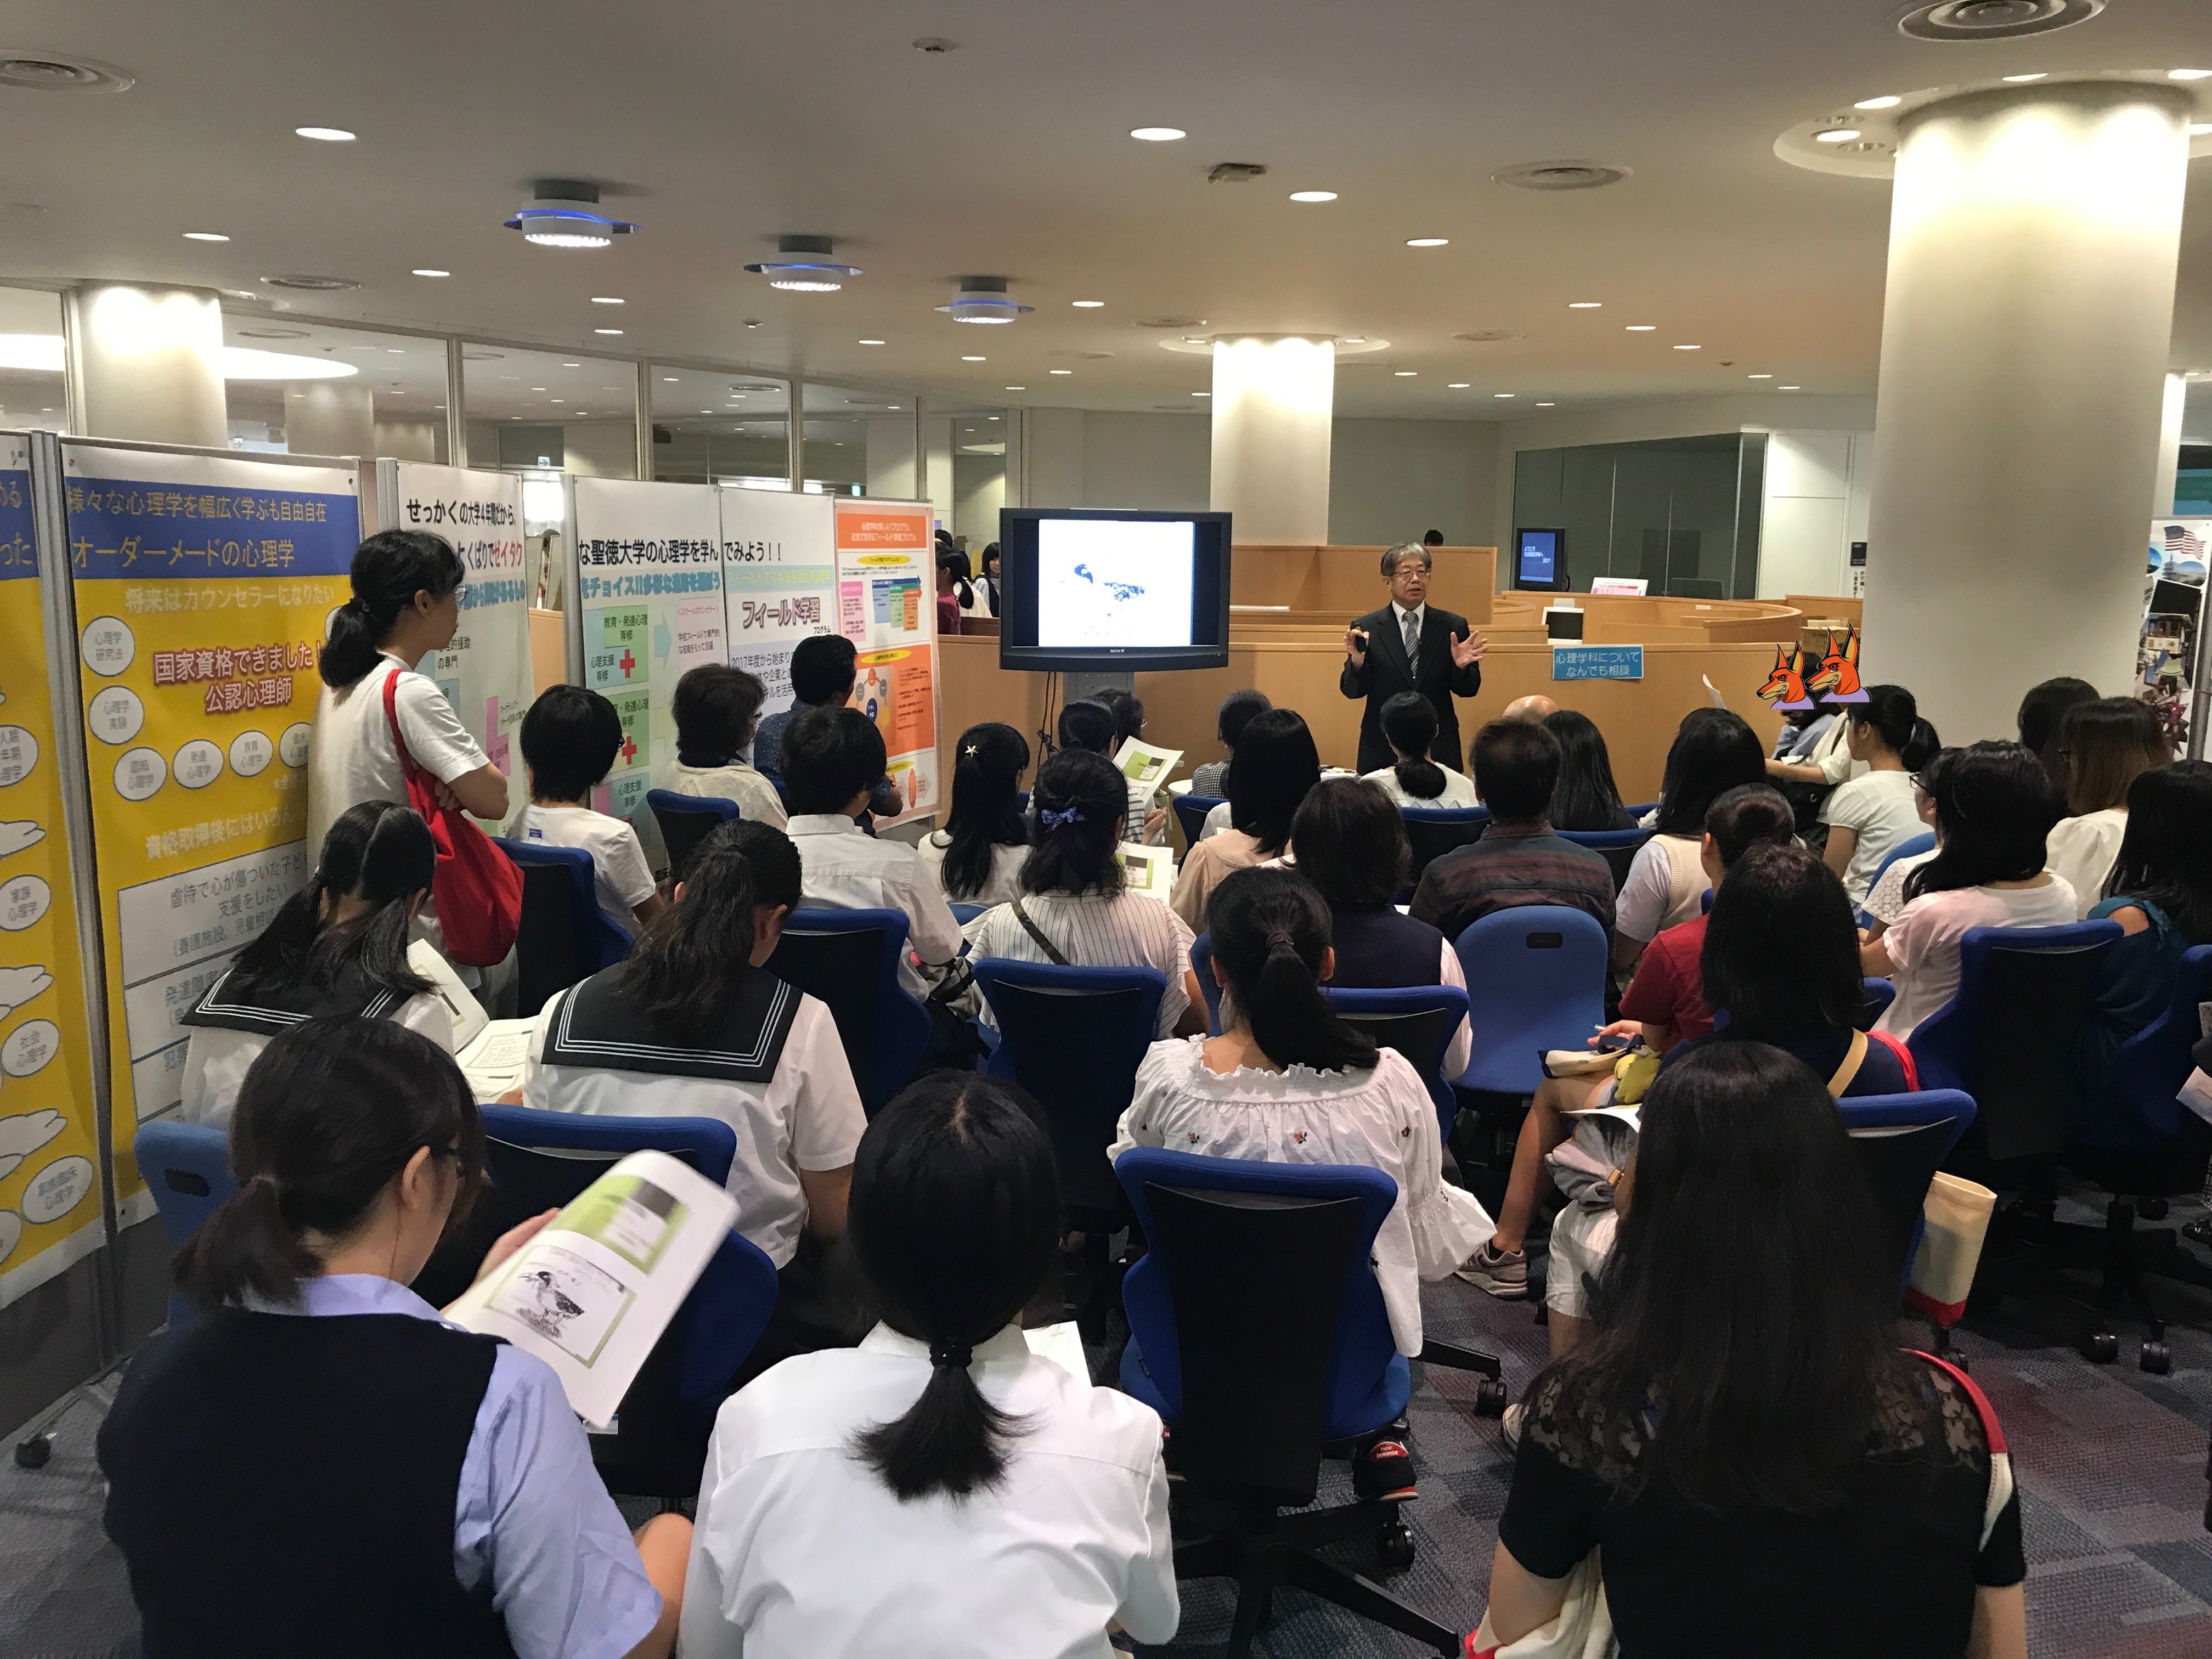 8月27日にオープンキャンパスを開催いたしました。